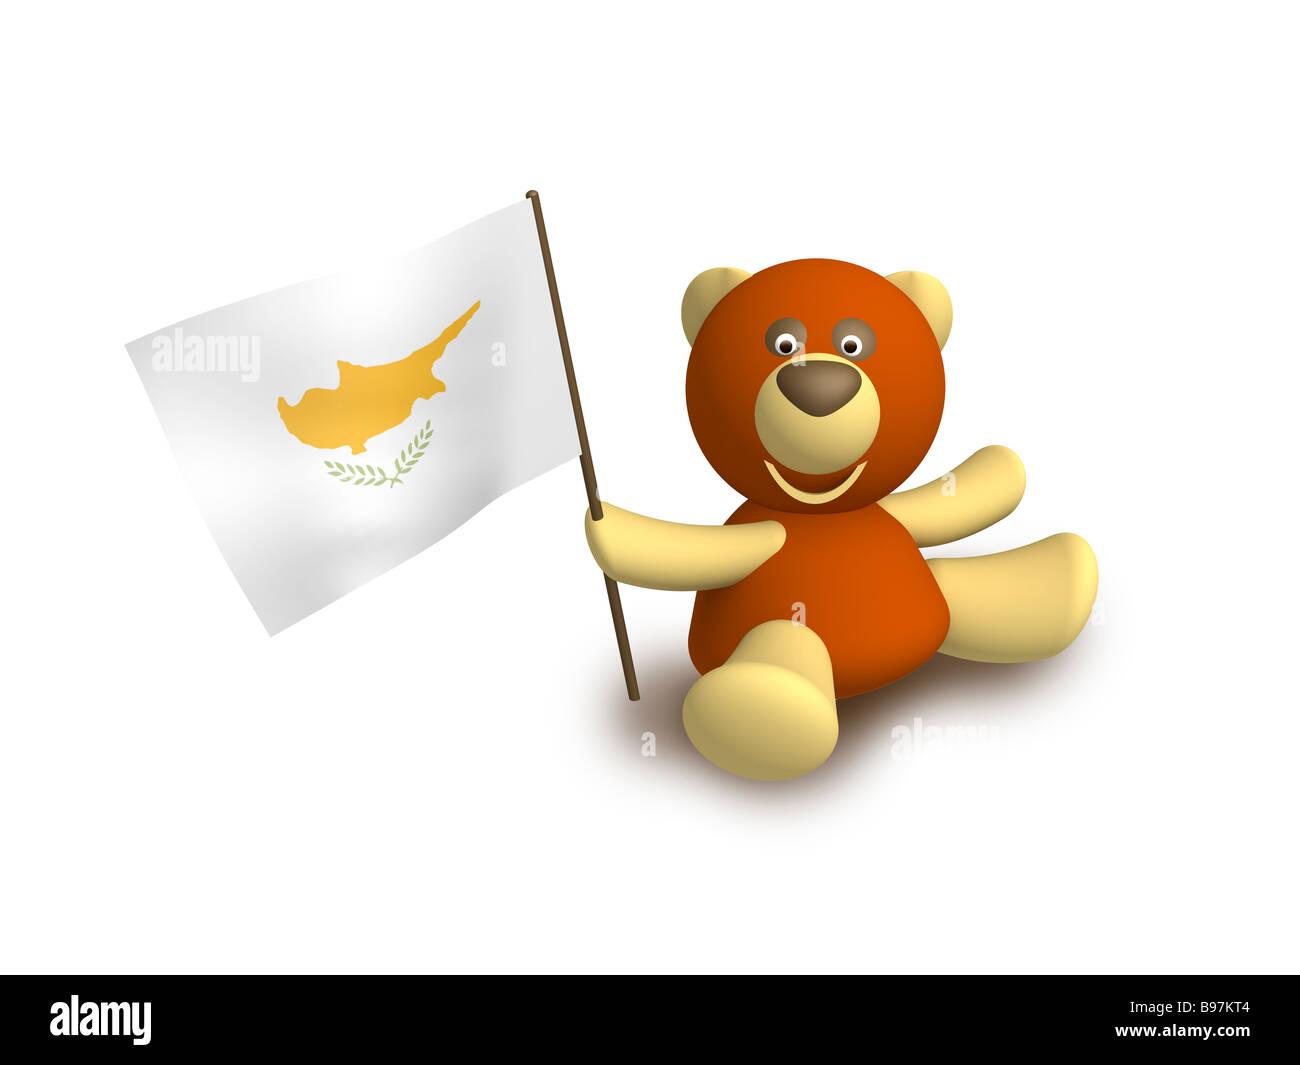 Cyprus flag - Stock Image